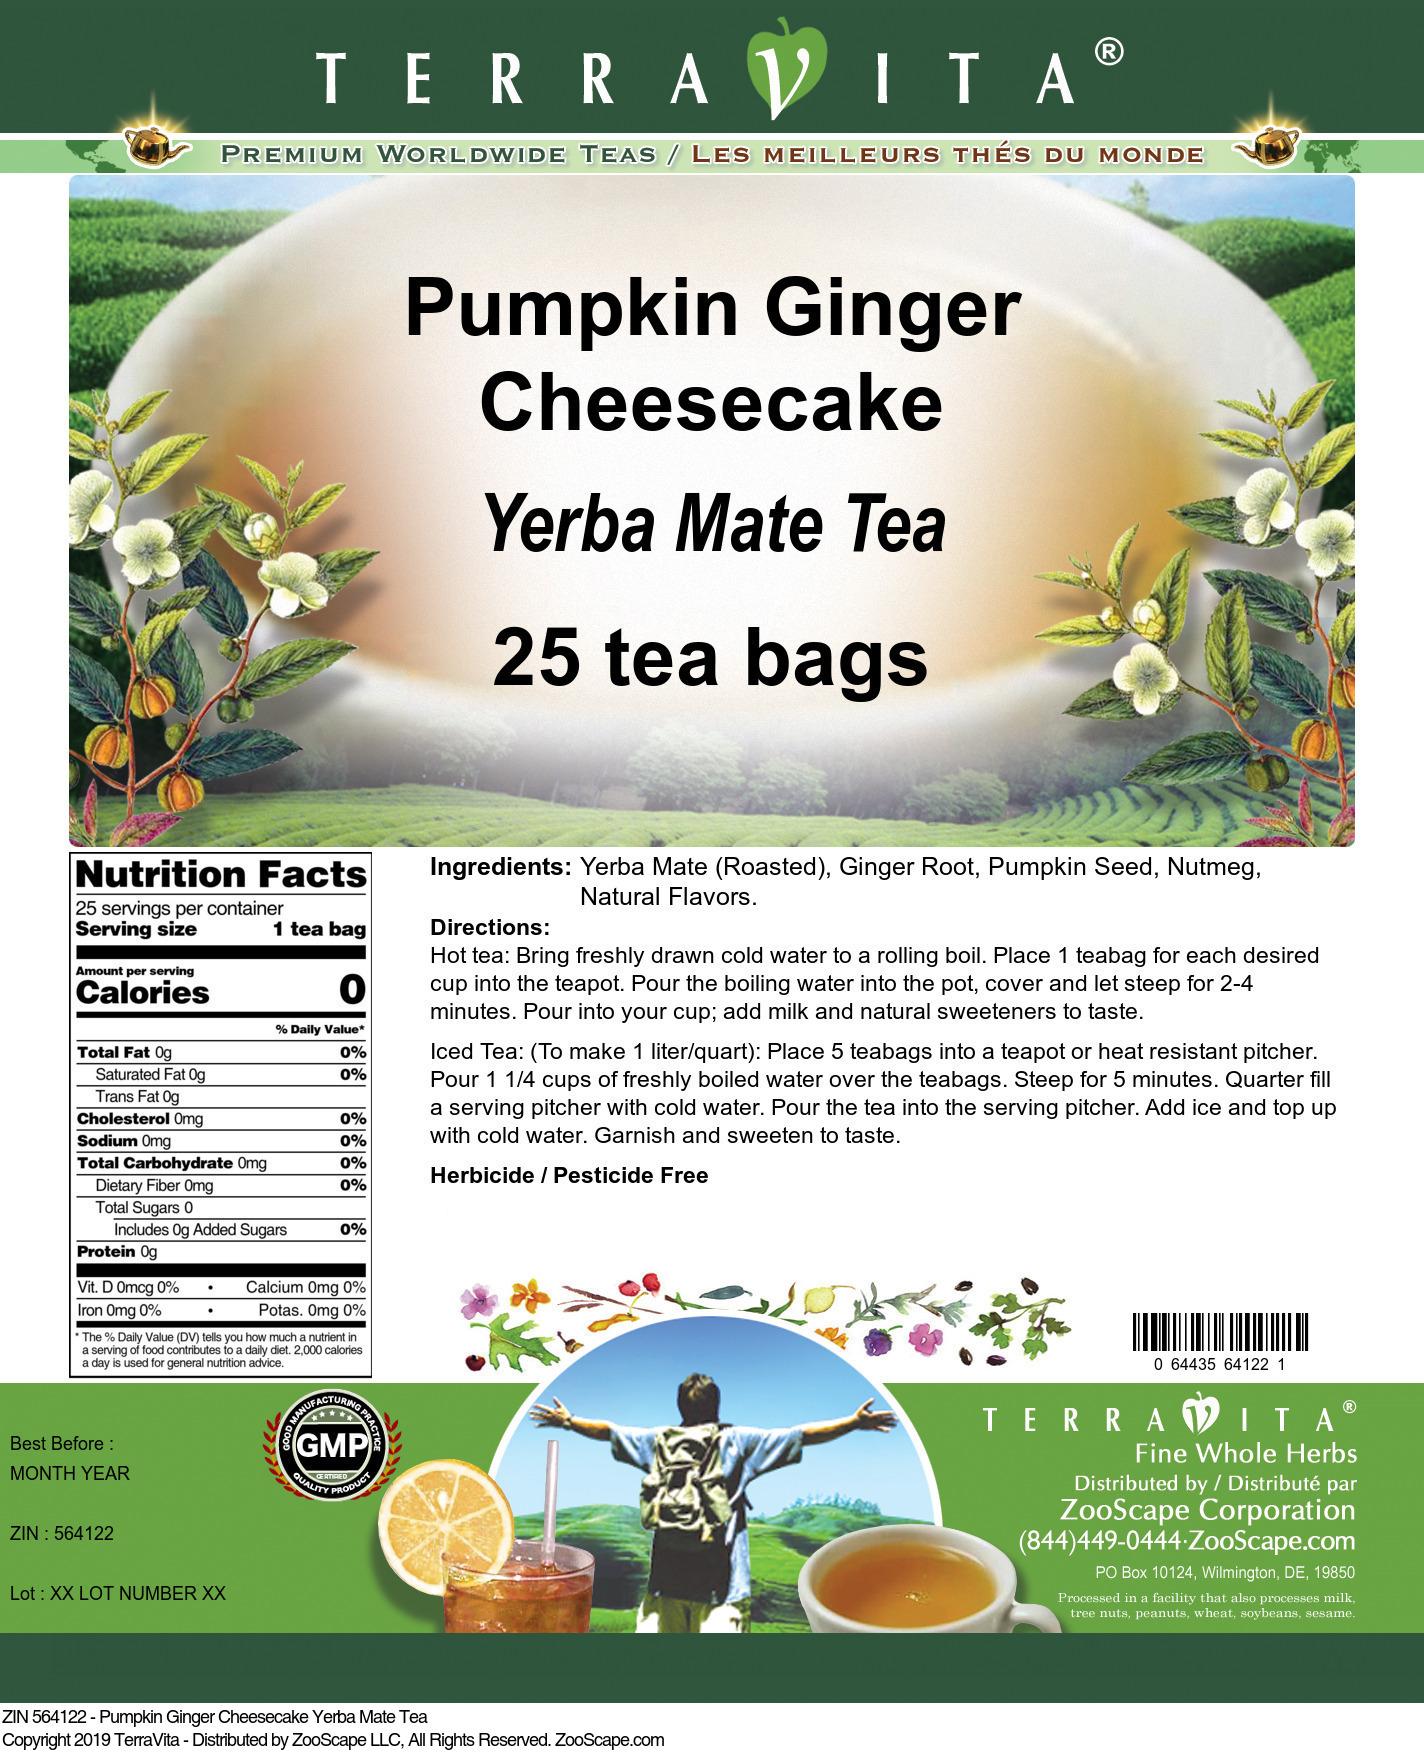 Pumpkin Ginger Cheesecake Yerba Mate